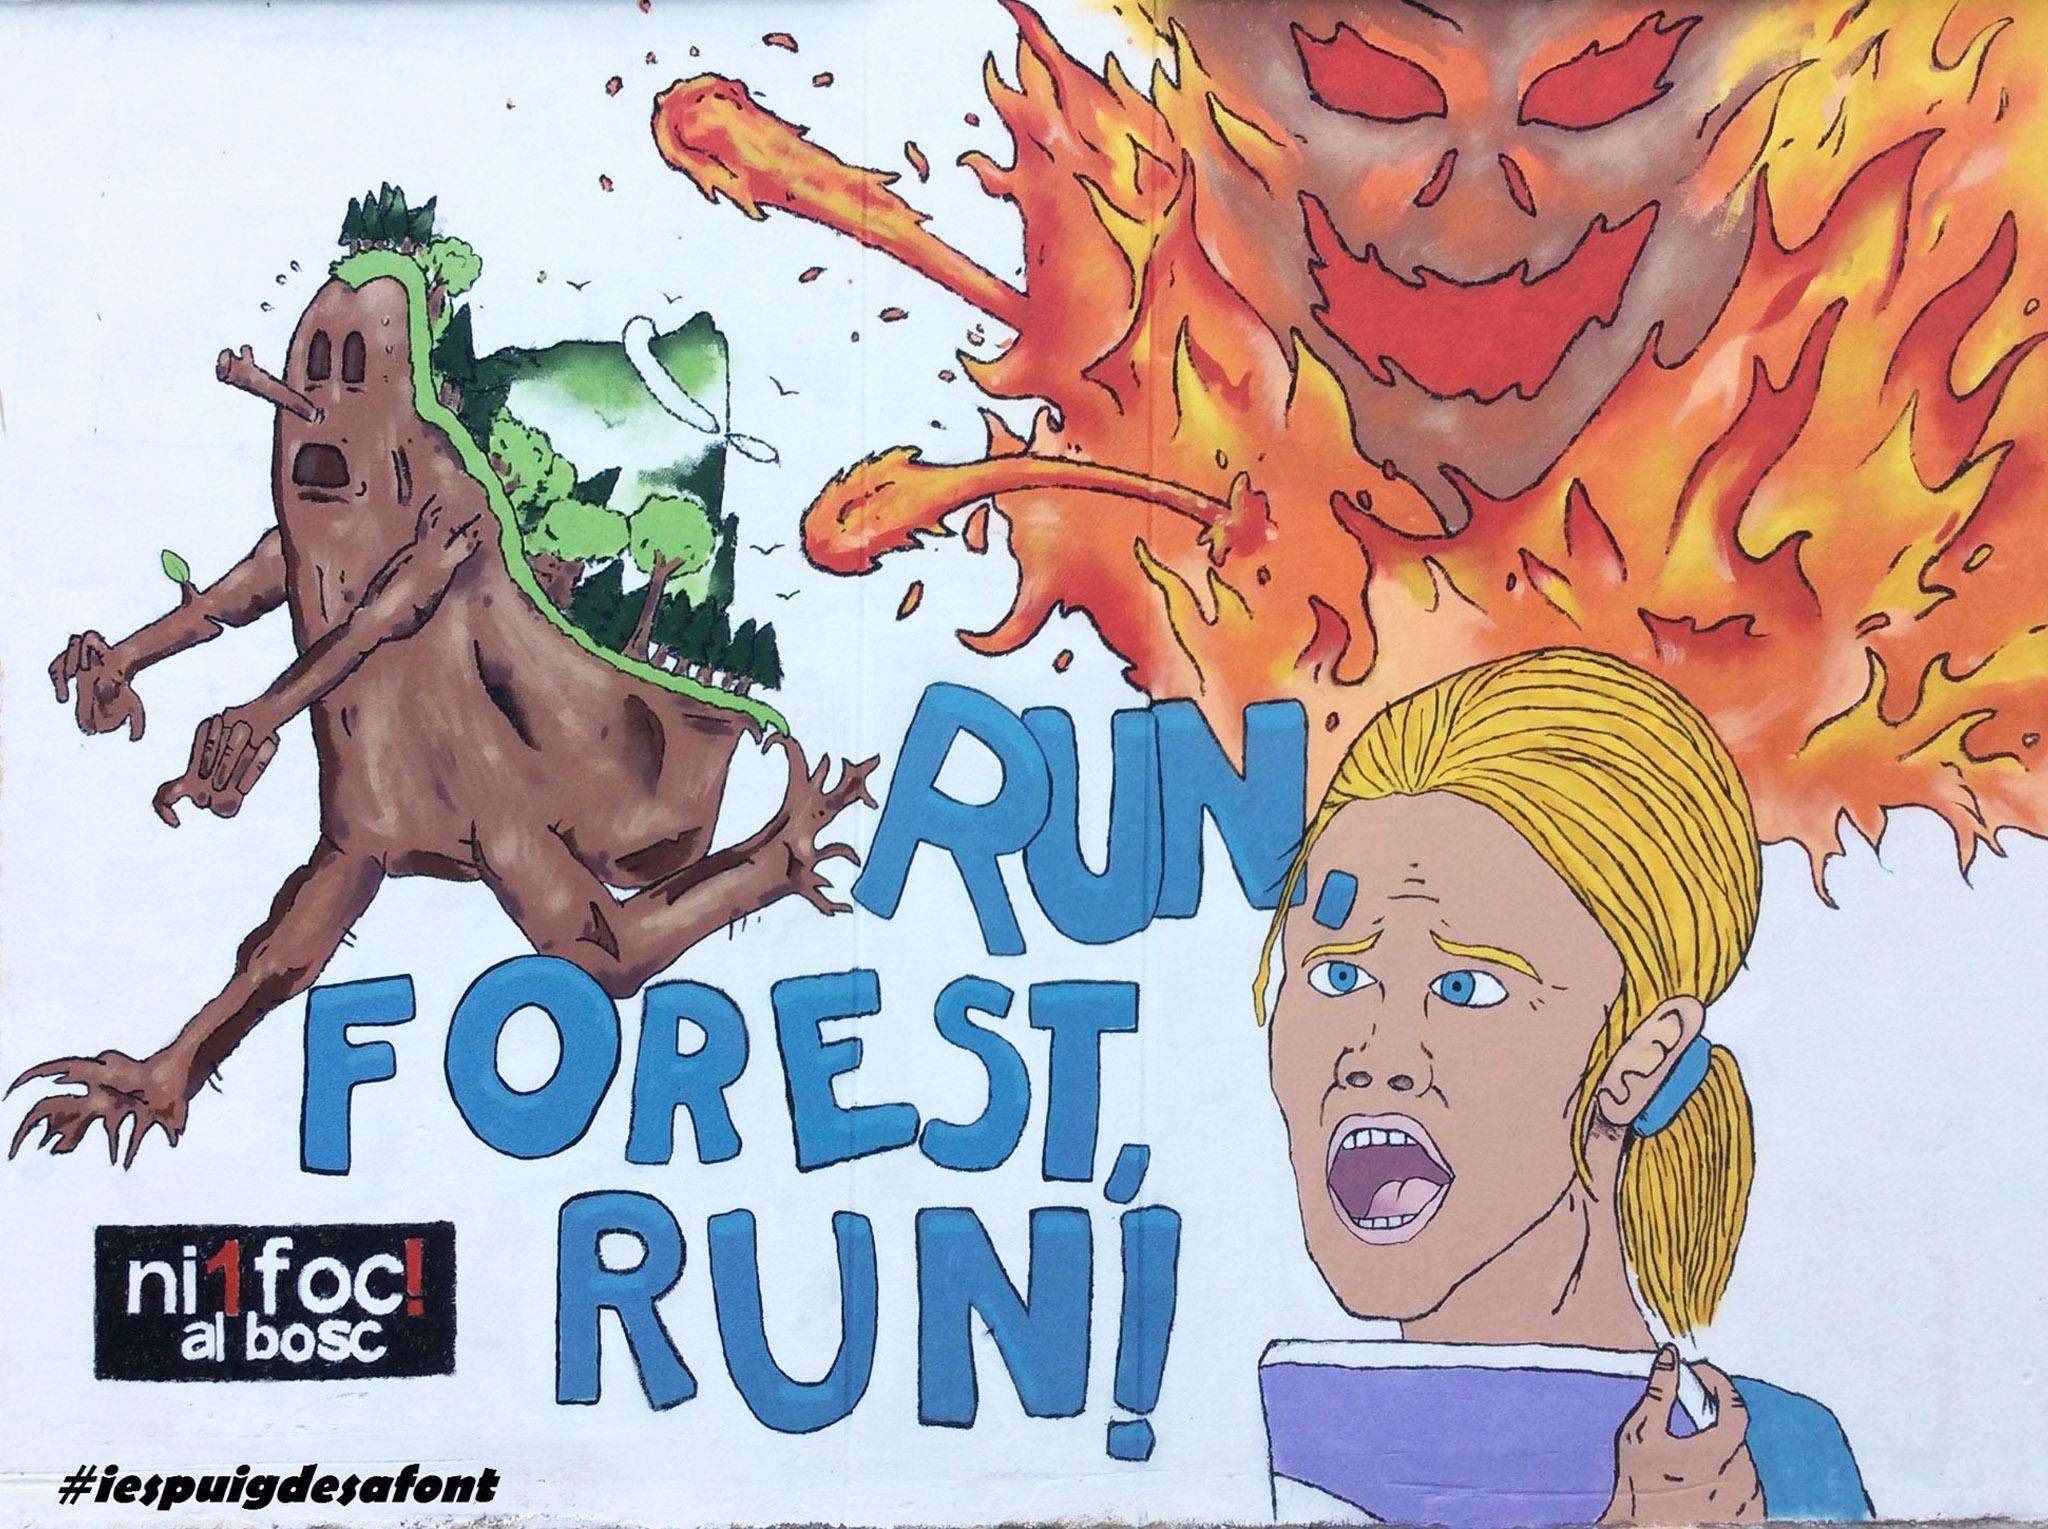 Sath Ni 1 foc al bosc